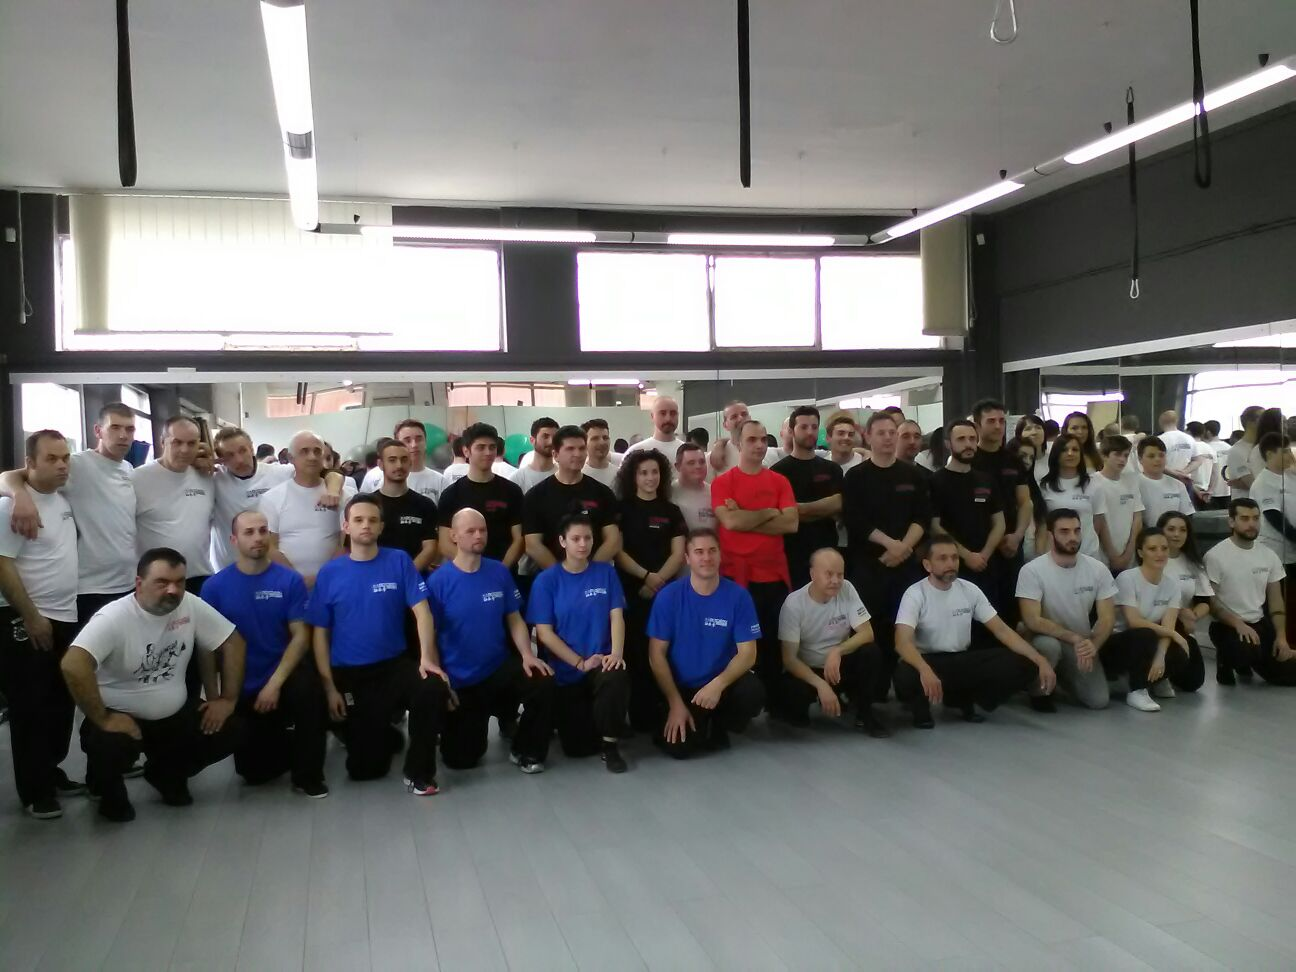 Arti marziali: un gruppo di allievi avezzanesi si distingue a Frosinone in un importante stage di Wing Tjun Kung Fu